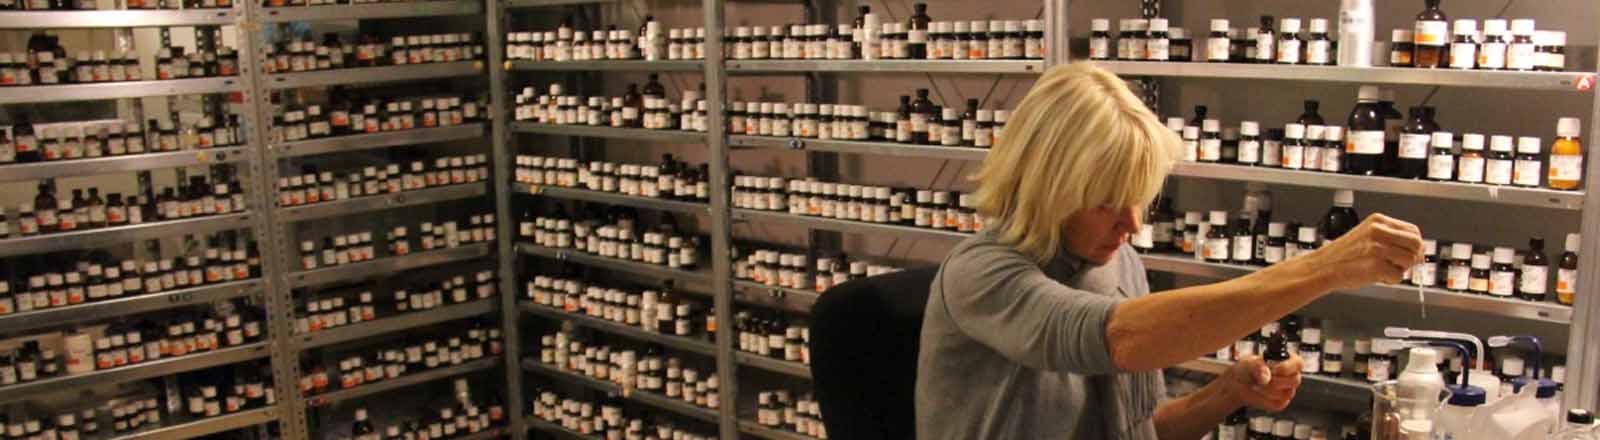 Sissel Tolaas bei der Arbeit in ihrem Geruchslabor